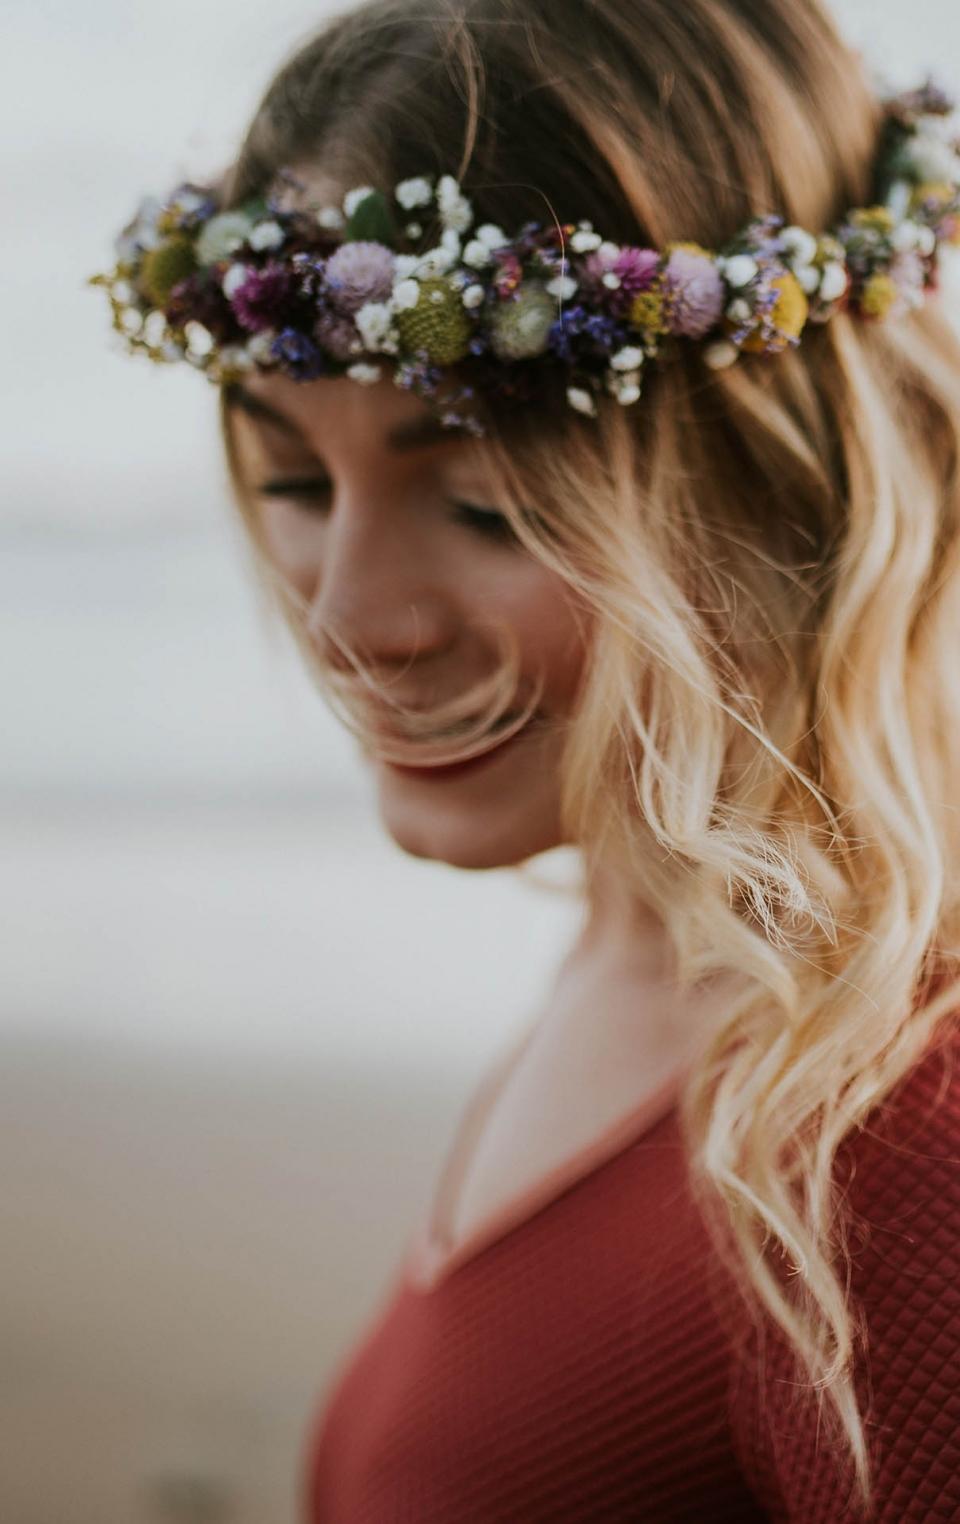 Brautjungfer mit Haarkranz in Bewegung_ Frau Siemers